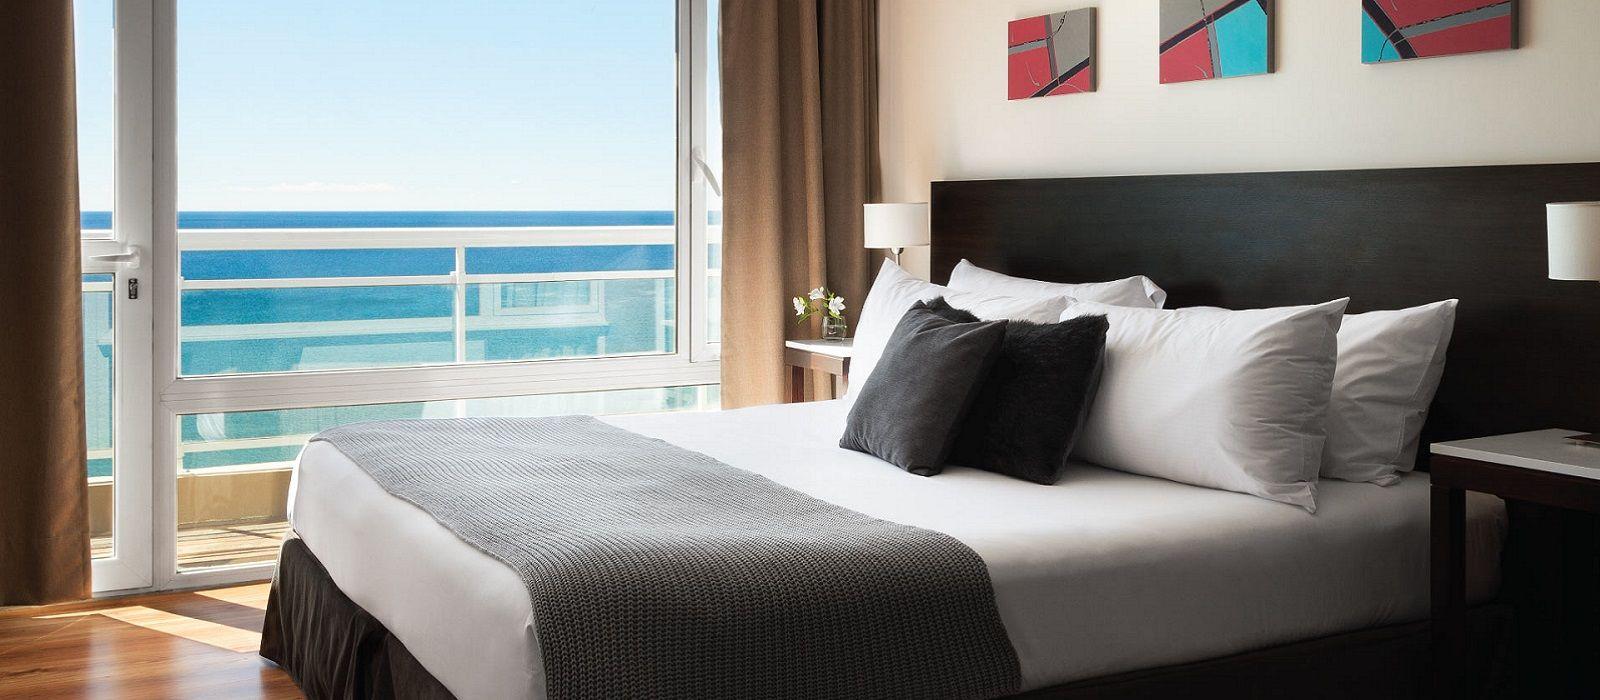 Hotel Dazzler Puerto Madryn Argentina